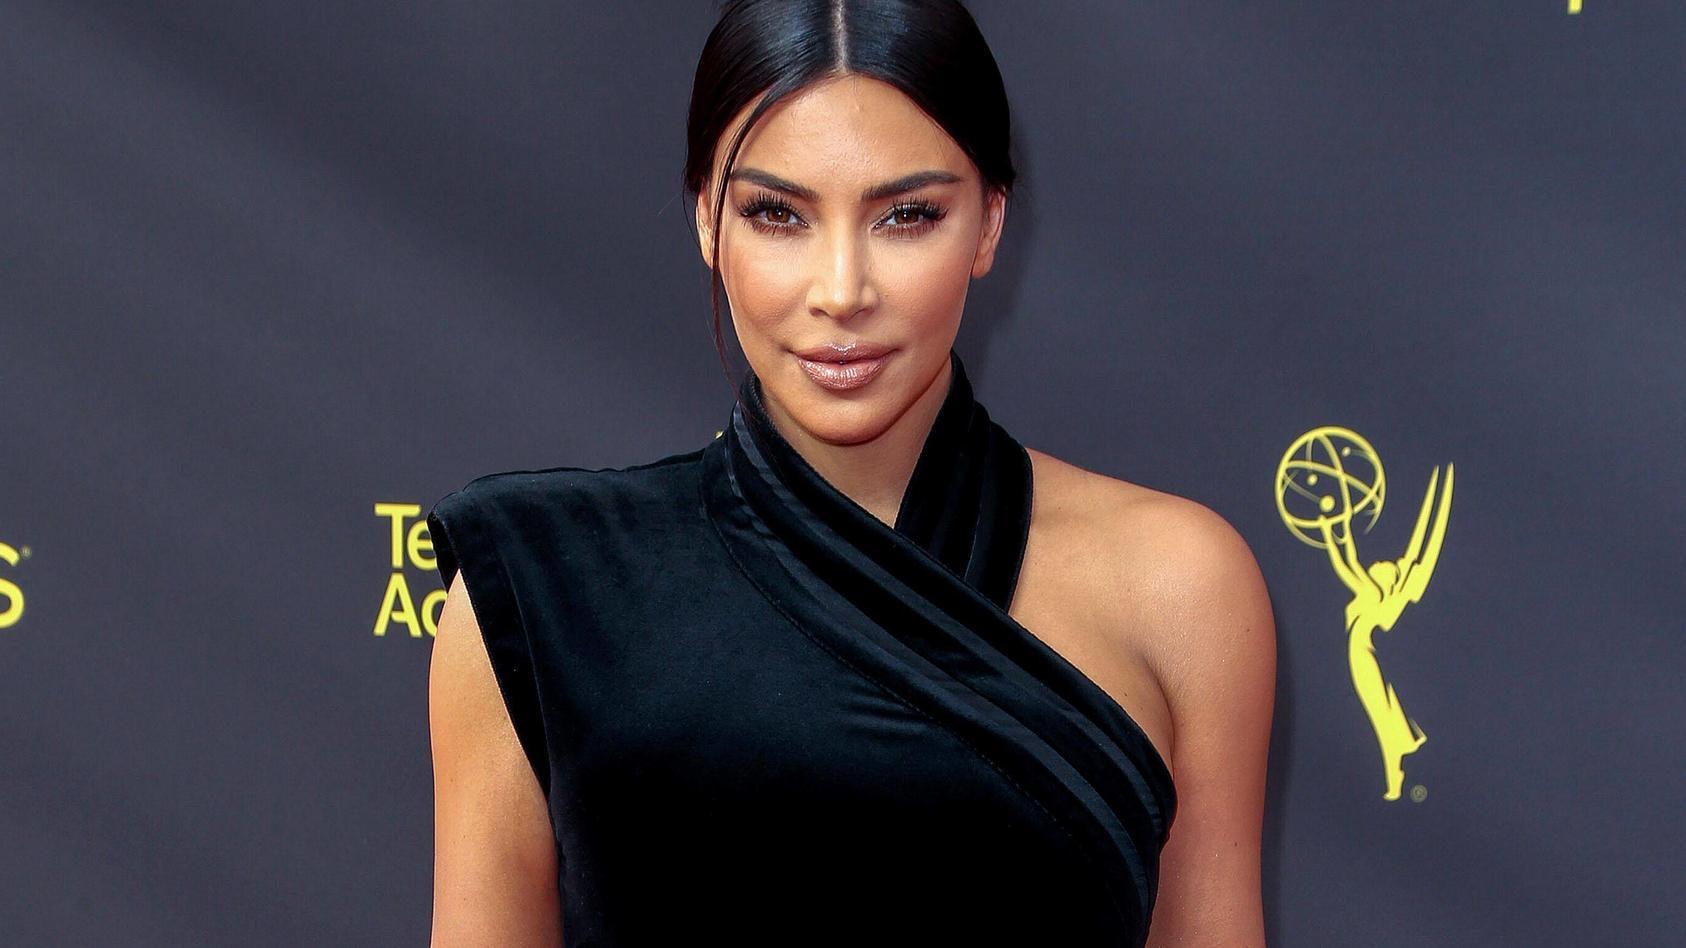 Kim Kardashian bei der Ankunft zur Verleihung der Creative Arts Emmy Awards 2019 in Los Angeles.